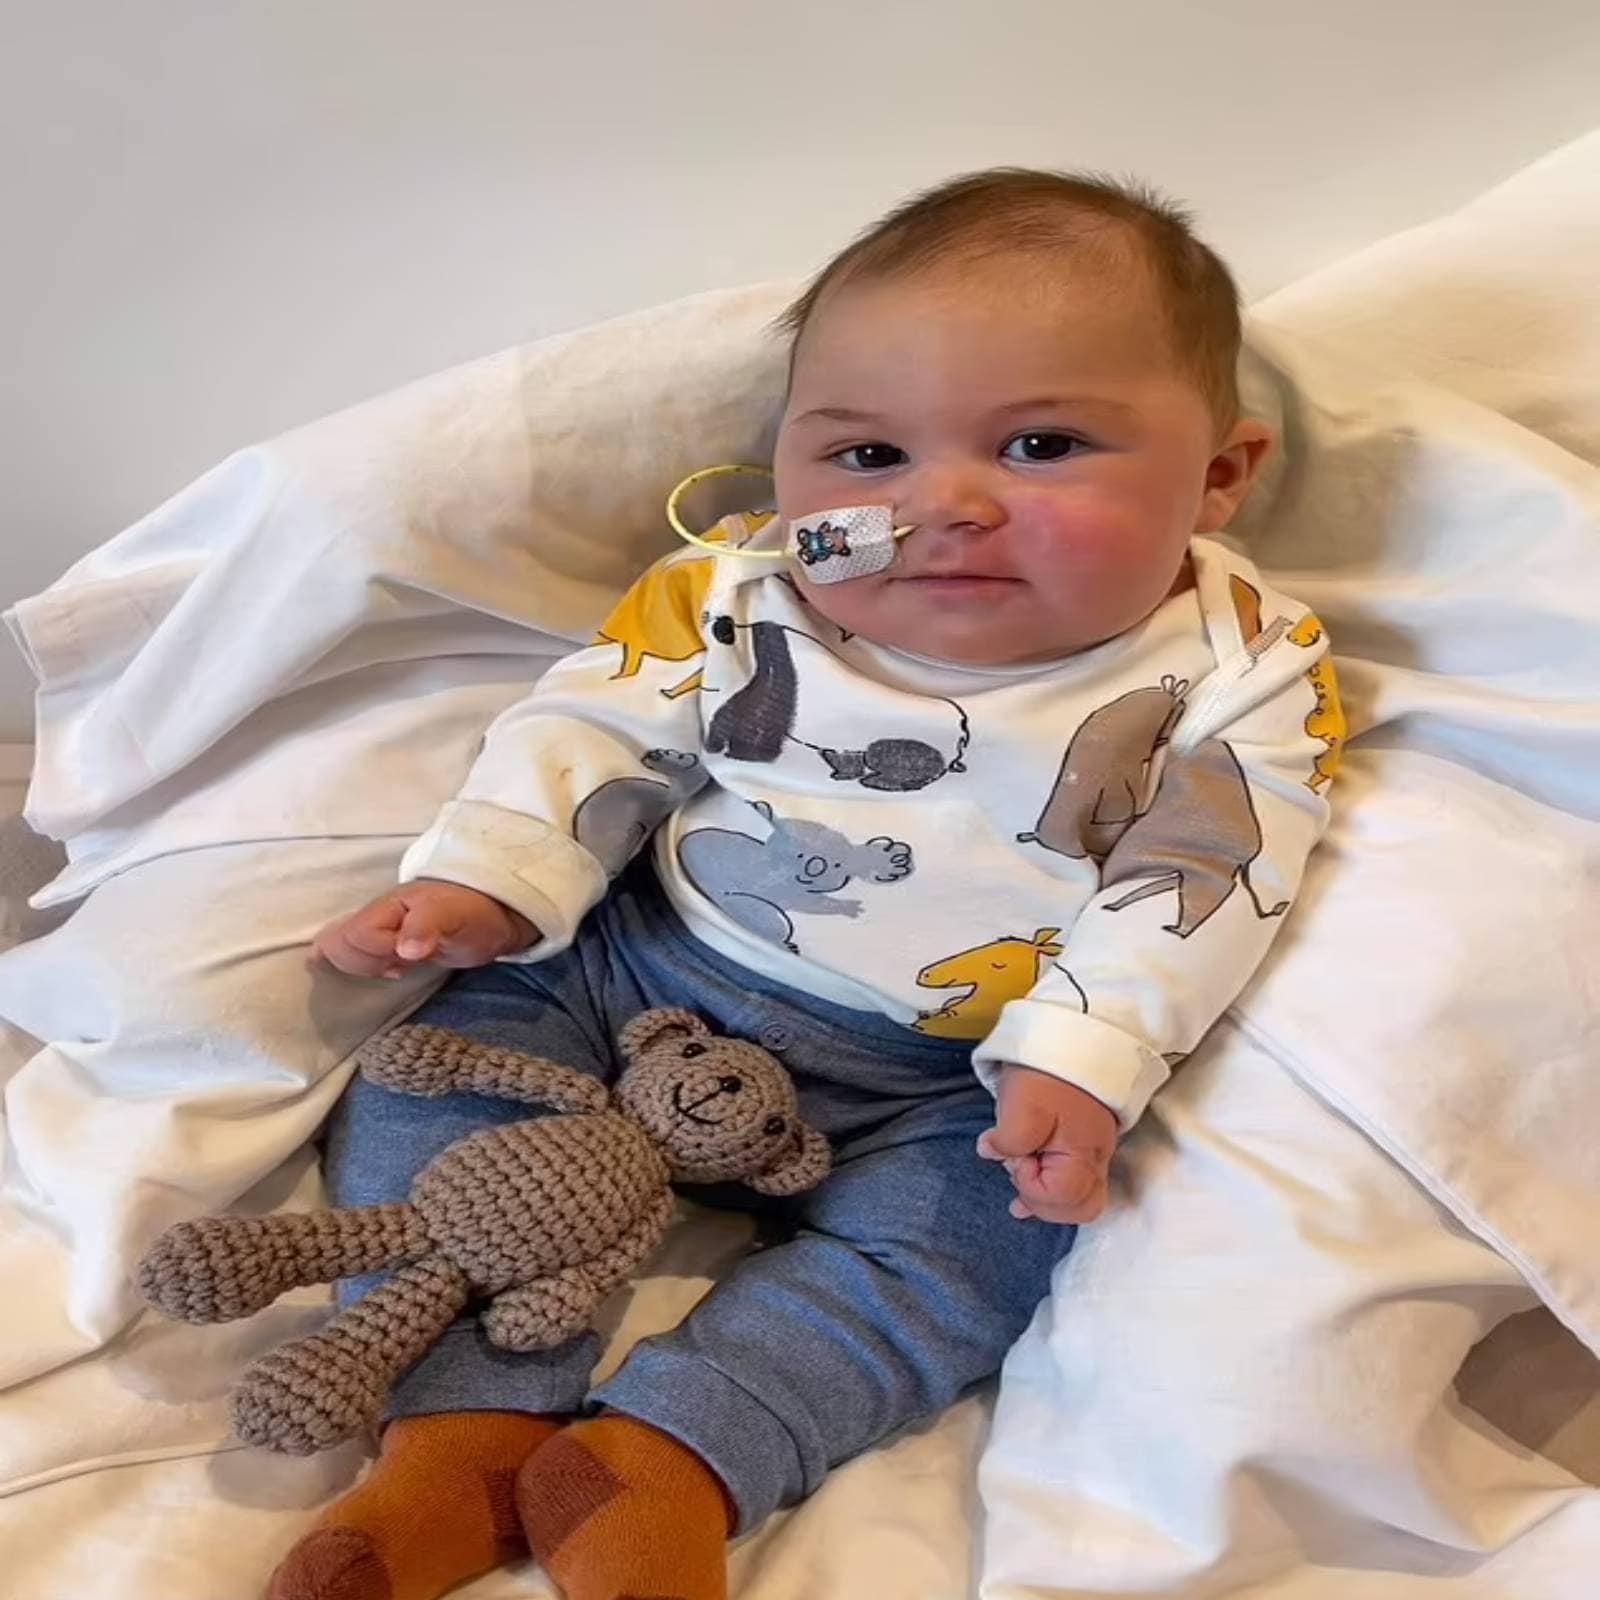 जिन लोगों ने भी जन्म के बाद लियो को देखा, उन्हें ये बात अजीब लगती थी, कि वो रो नहीं सकता. उसे सांस लेने में तकलीफ होती थी, लेकिन कभी रोकर वो इसे जता नहीं सकता था.